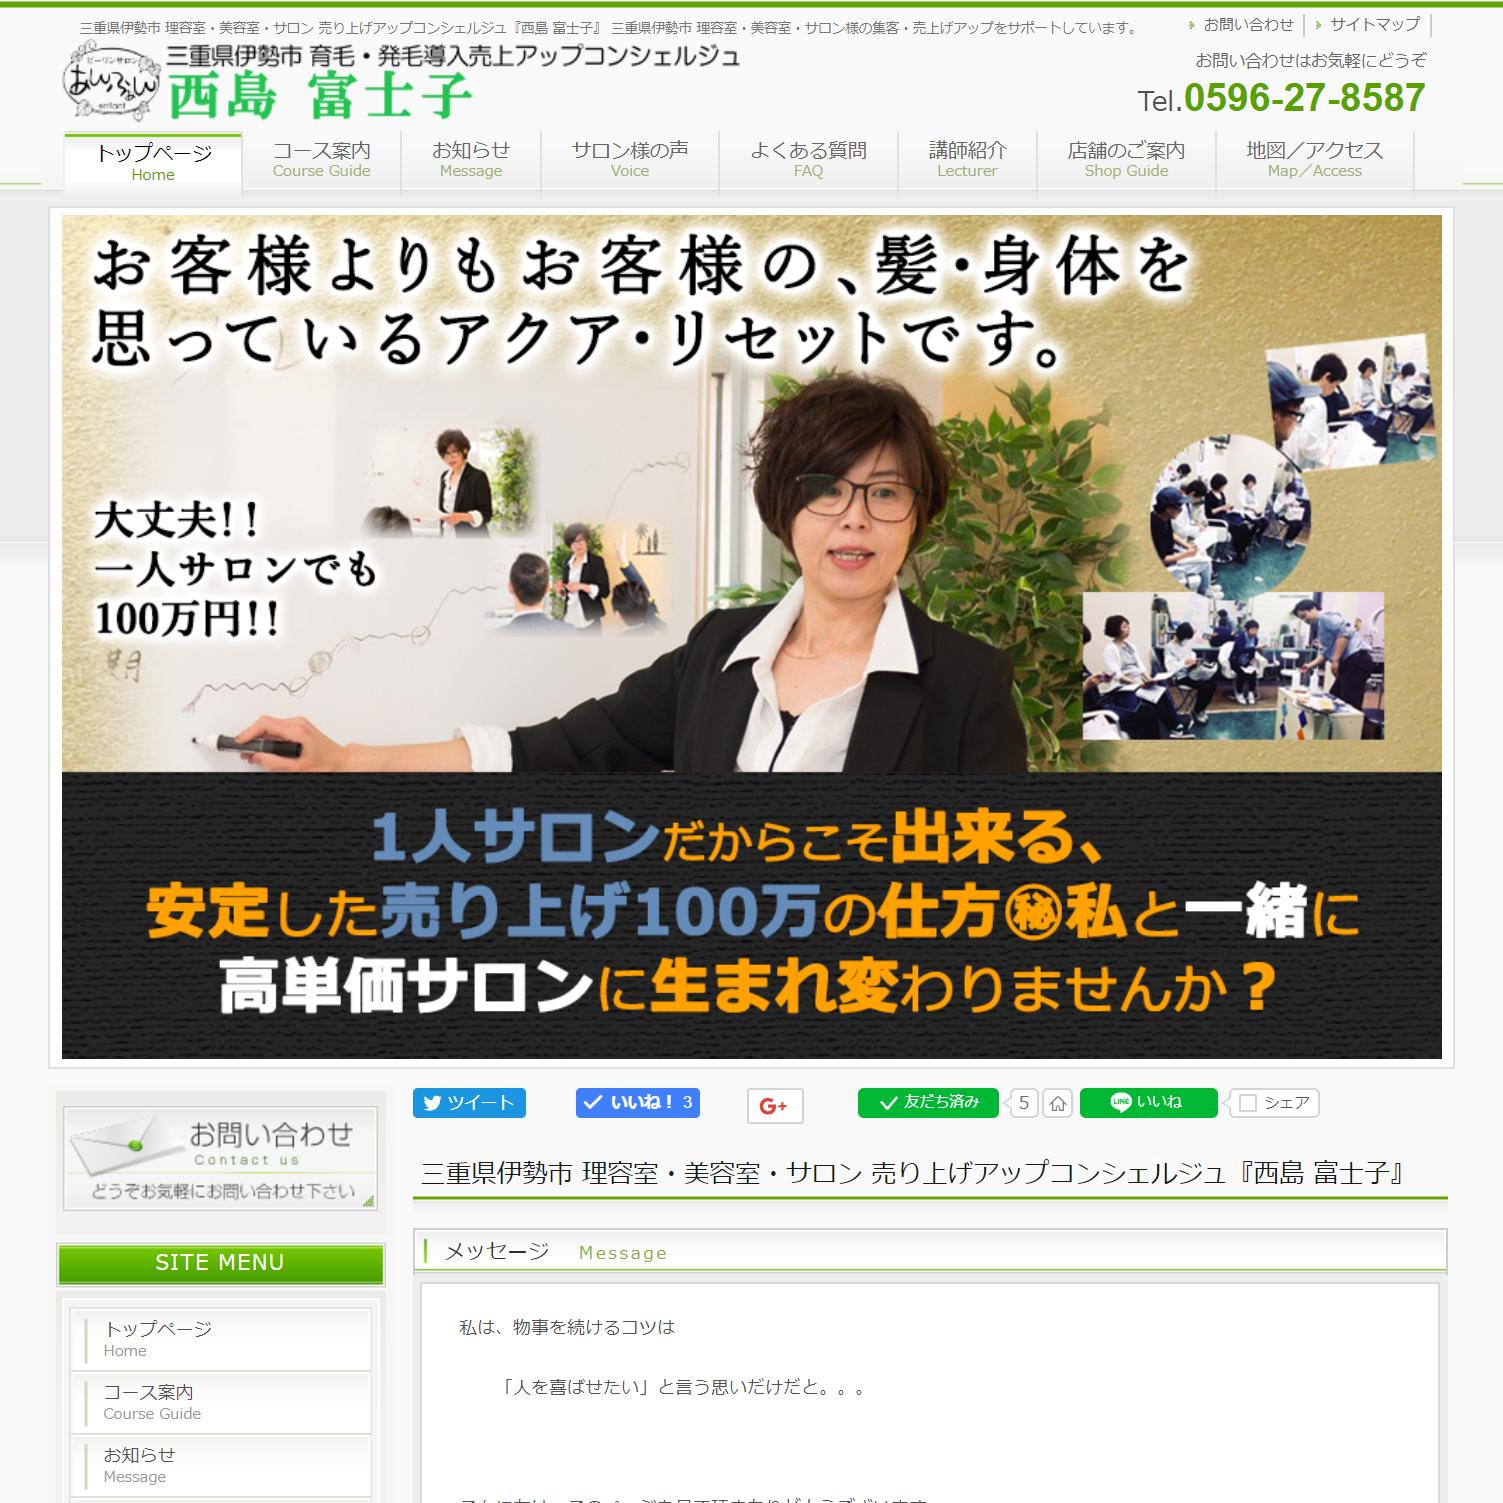 三重県伊勢市 理容室・美容室・サロン 売り上げアップコンシェルジュ『西島 富士子』